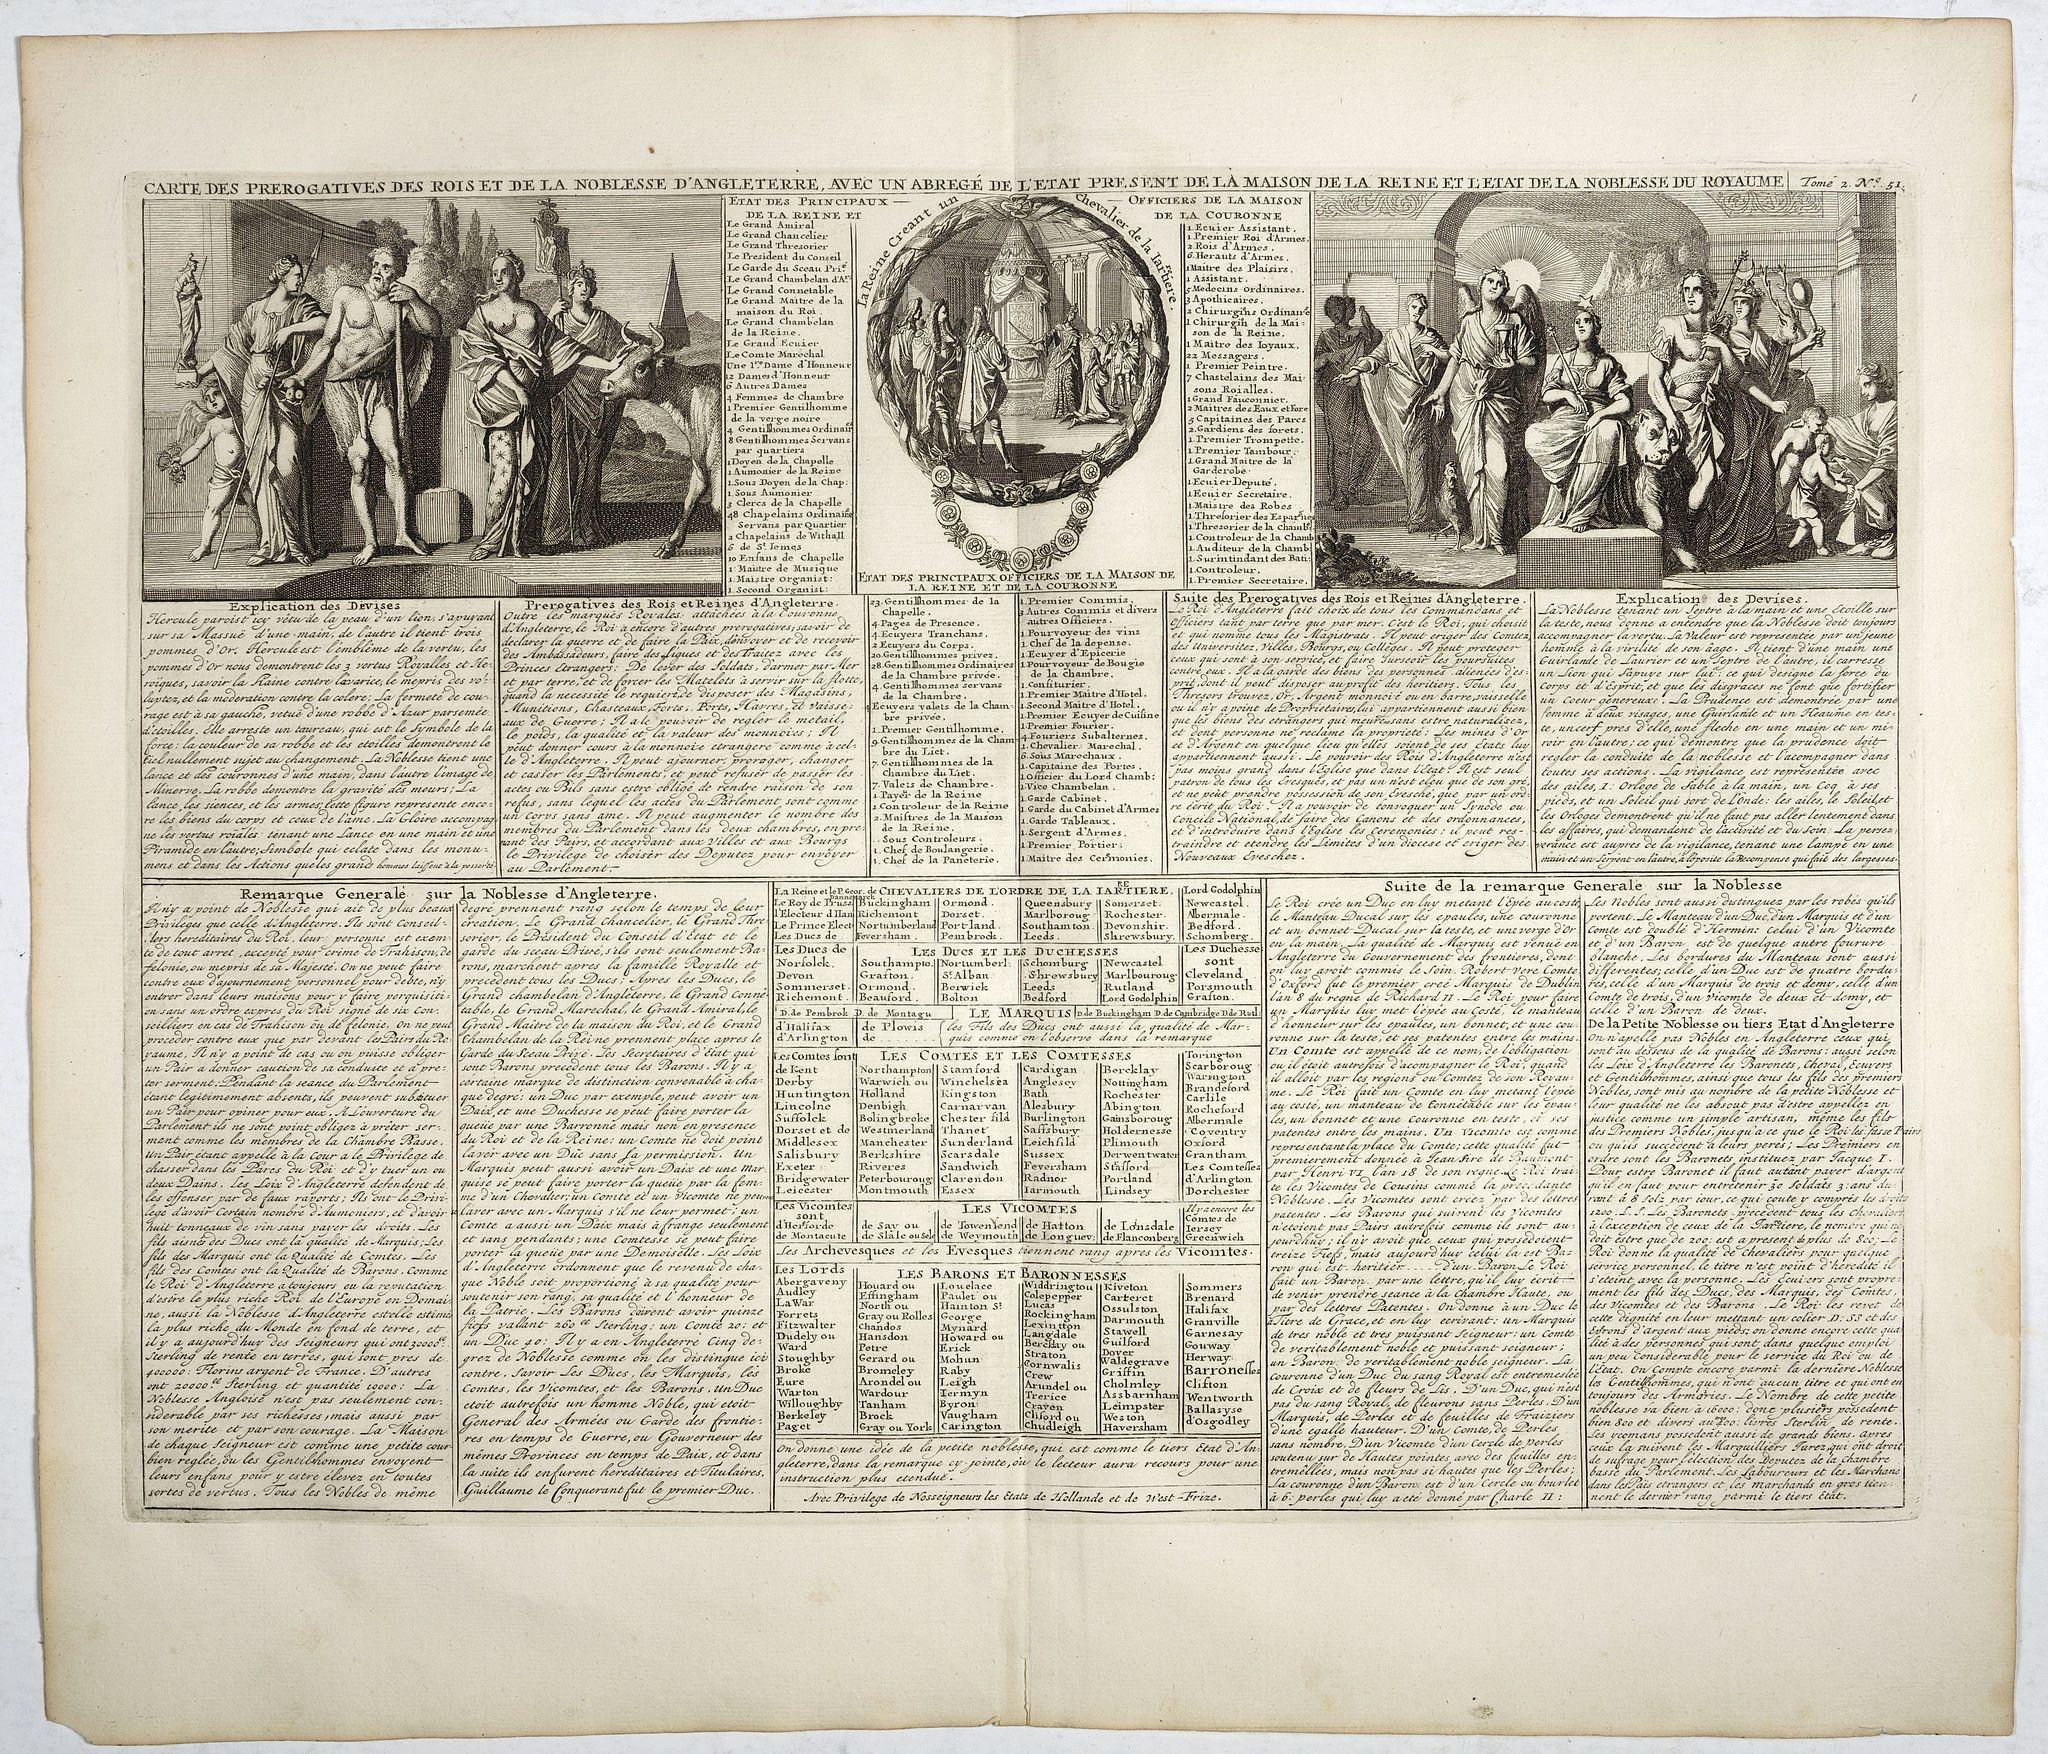 CHATELAIN, H. -  Carte des prérogatives des rois et de la noblesse d'Angleterre . . .